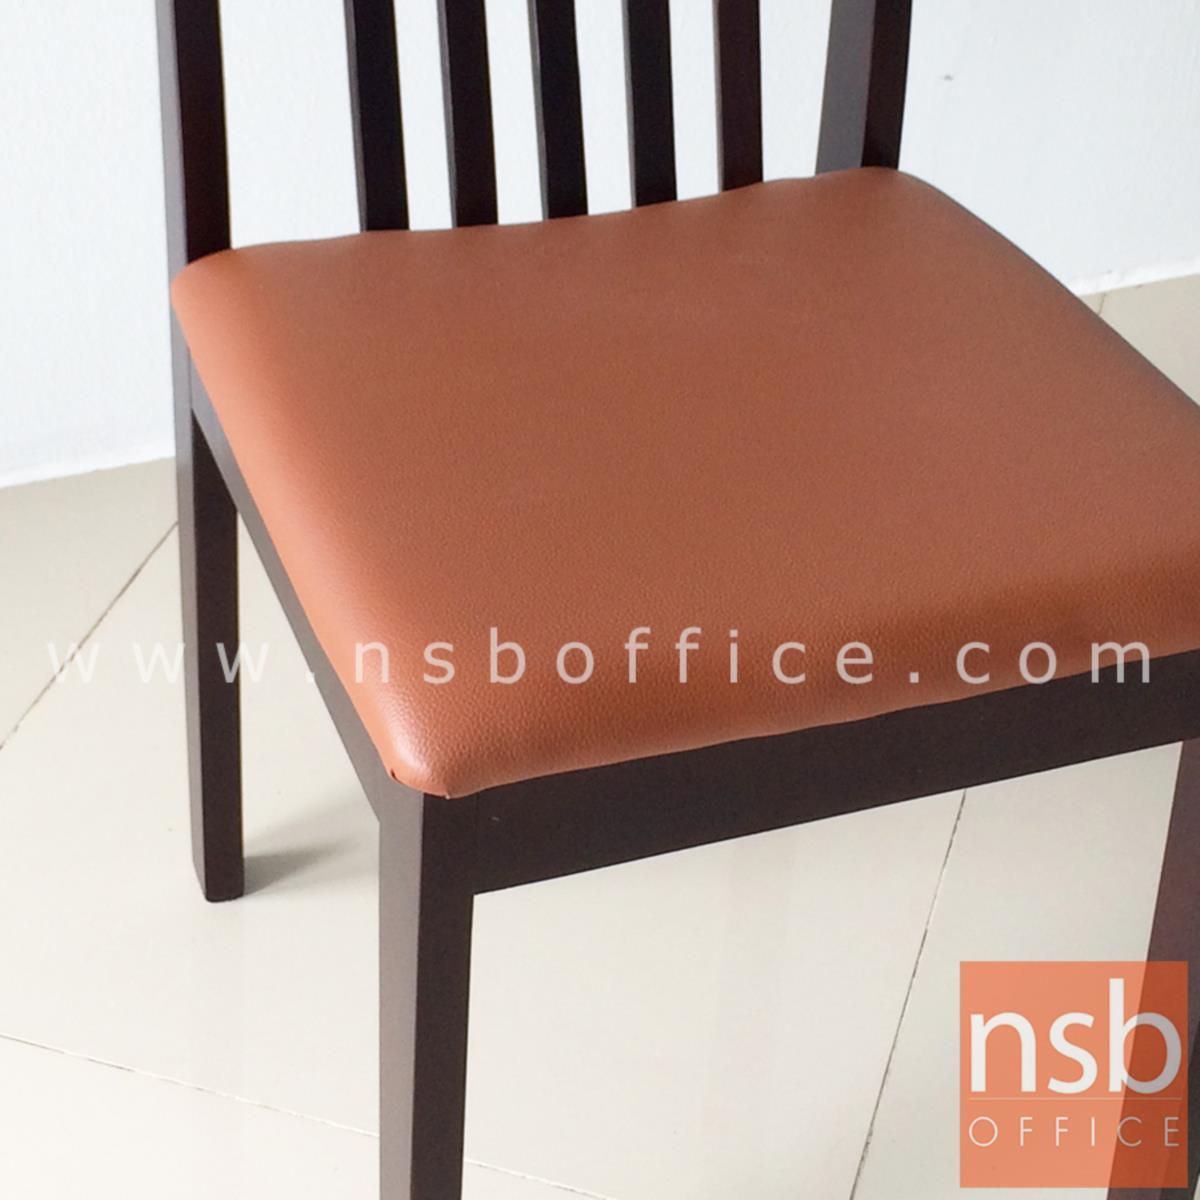 เก้าอี้ไม้ที่นั่งหุ้มหนังเทียม รุ่น Tanzania (แทนซาเนีย)  ขนาด 46W cm. ขาไม้